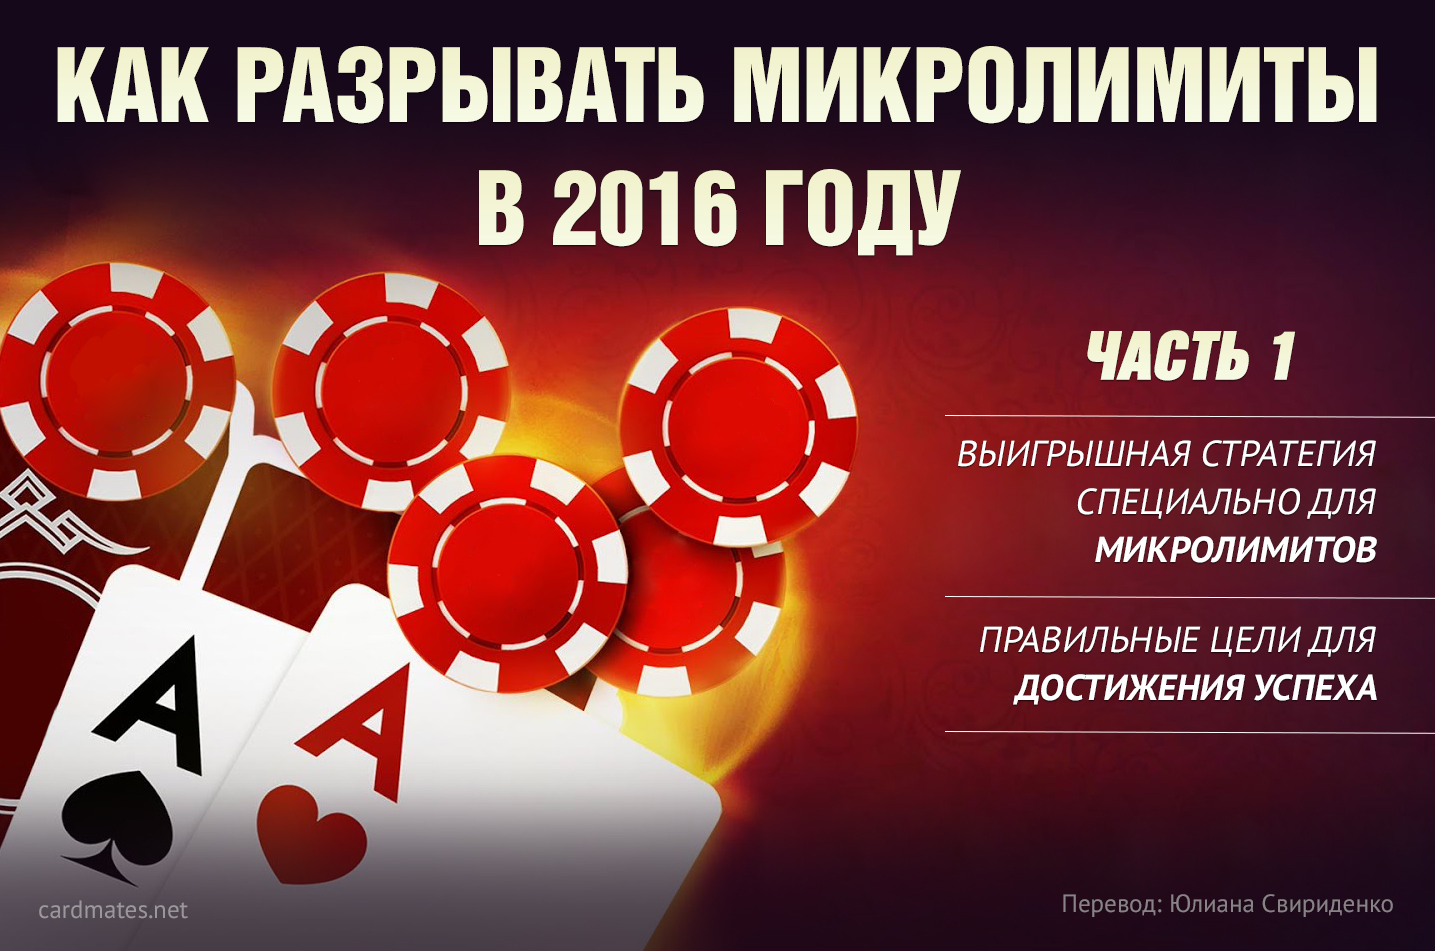 Как разрывать микролимиты в 2016 году